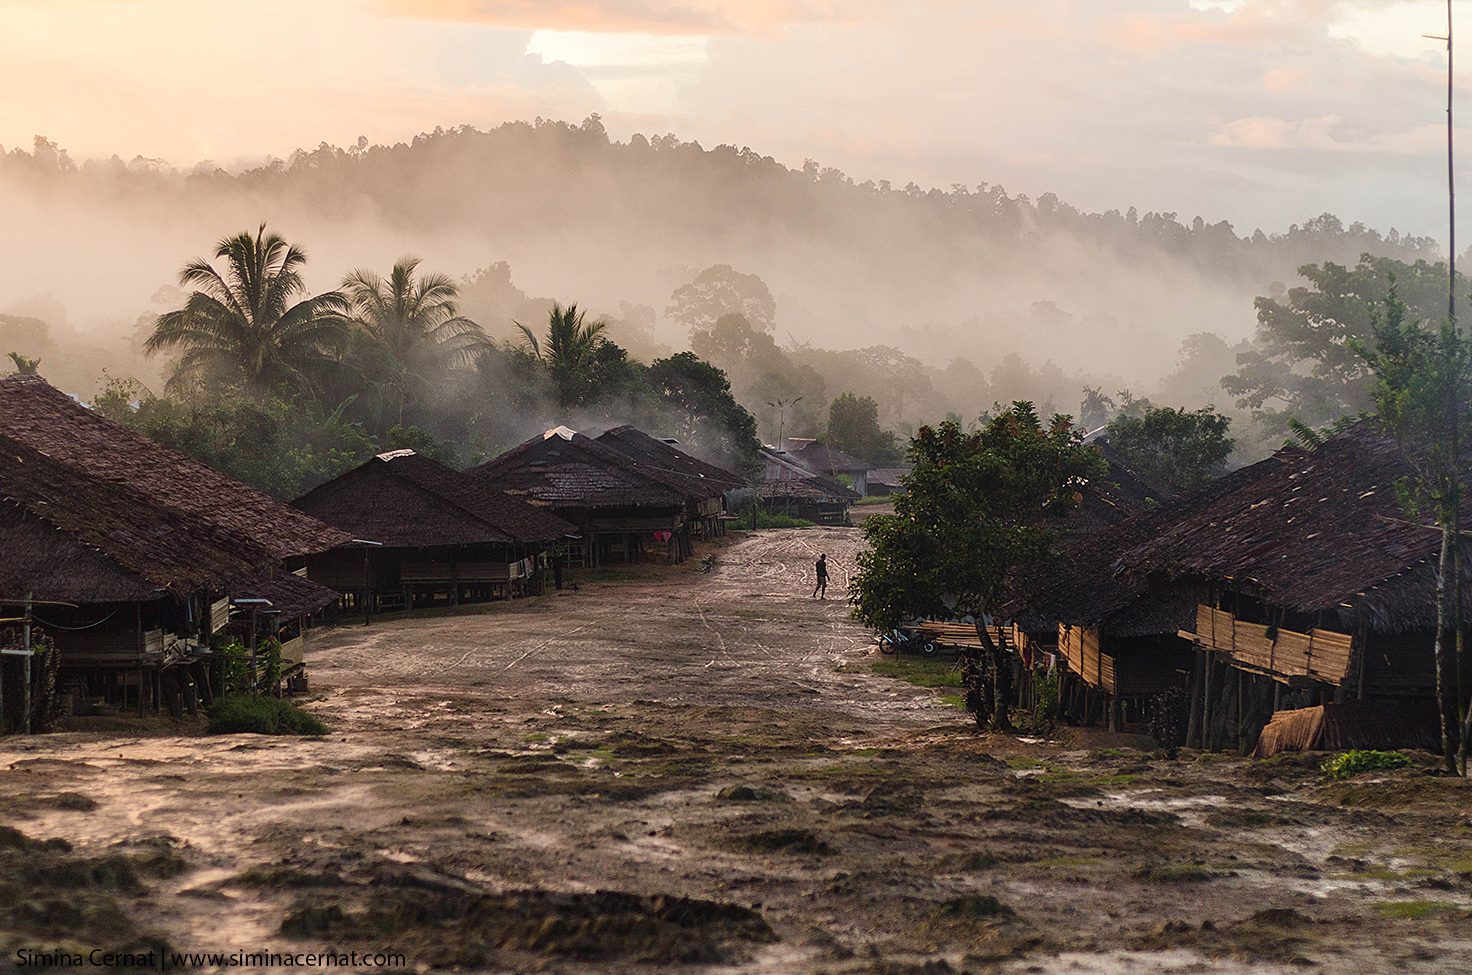 Satul Huaulu, locuit de tribul Naulu, ultimul trib animist de pe insulă.